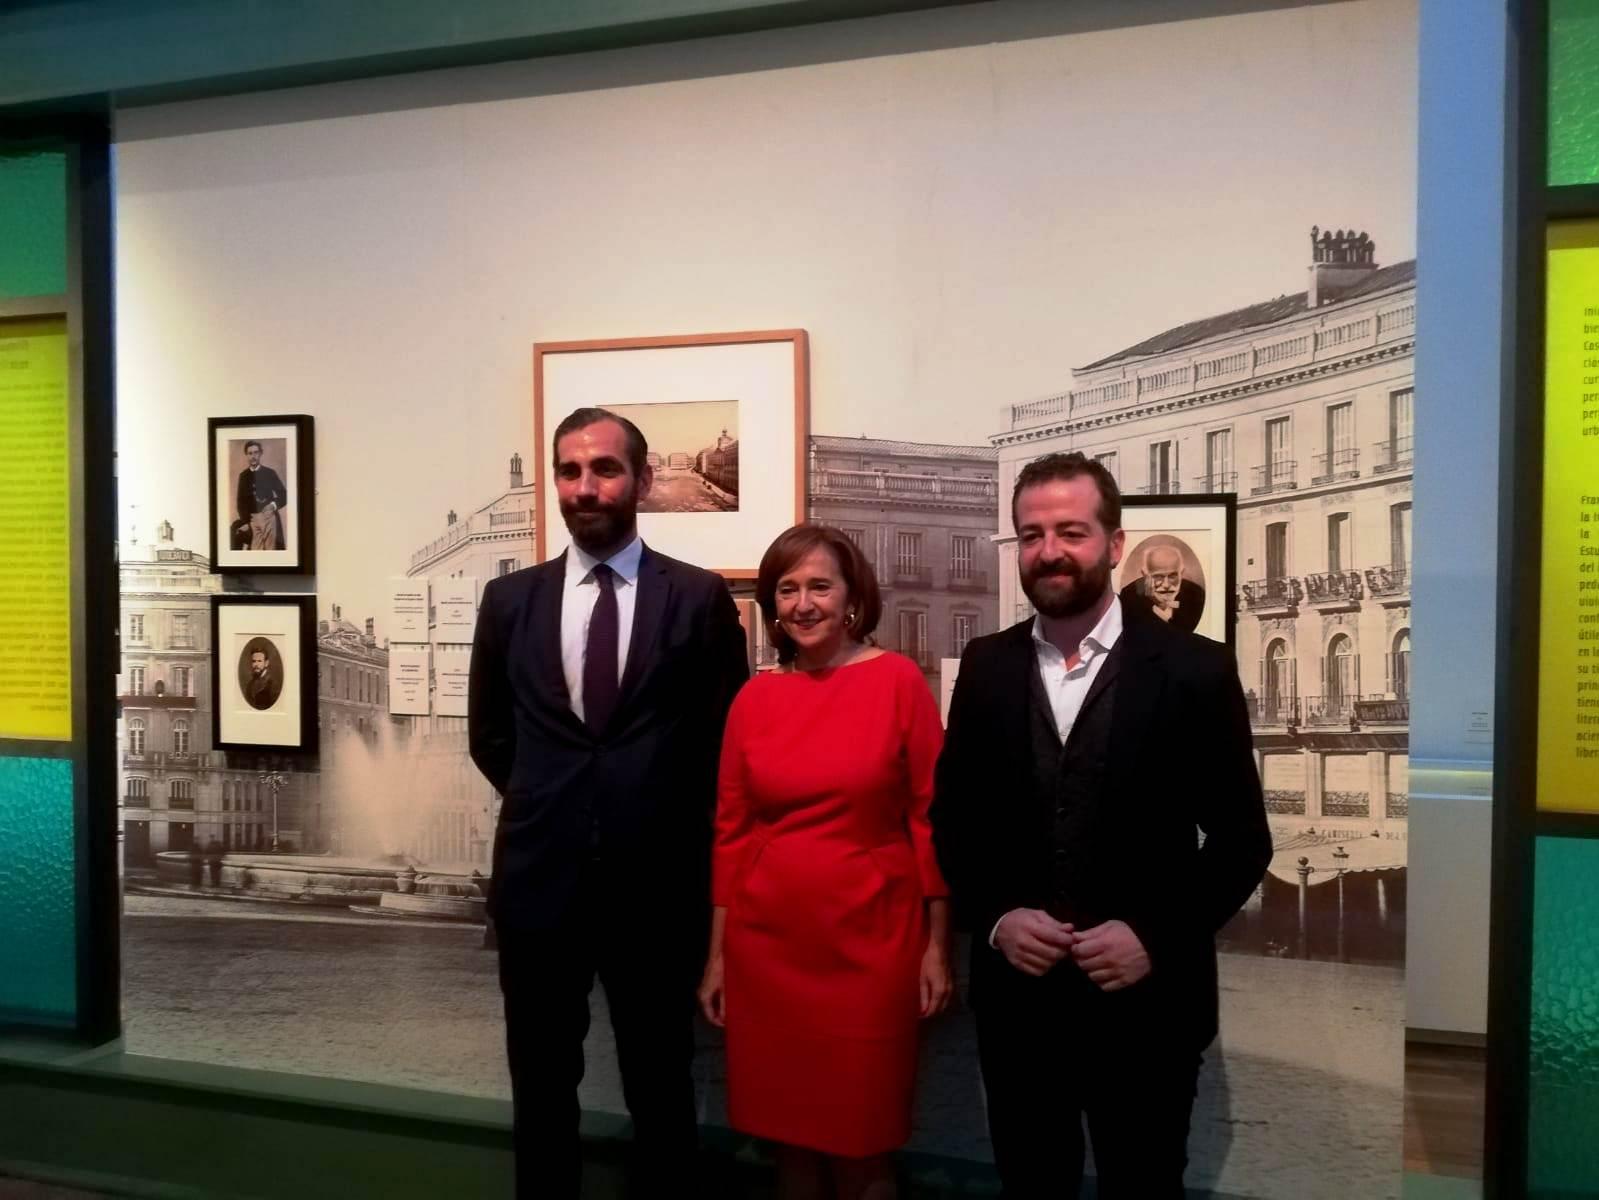 Benito Pérez Galdós, La verdad humana se inaugura en la Biblioteca Nacional de España